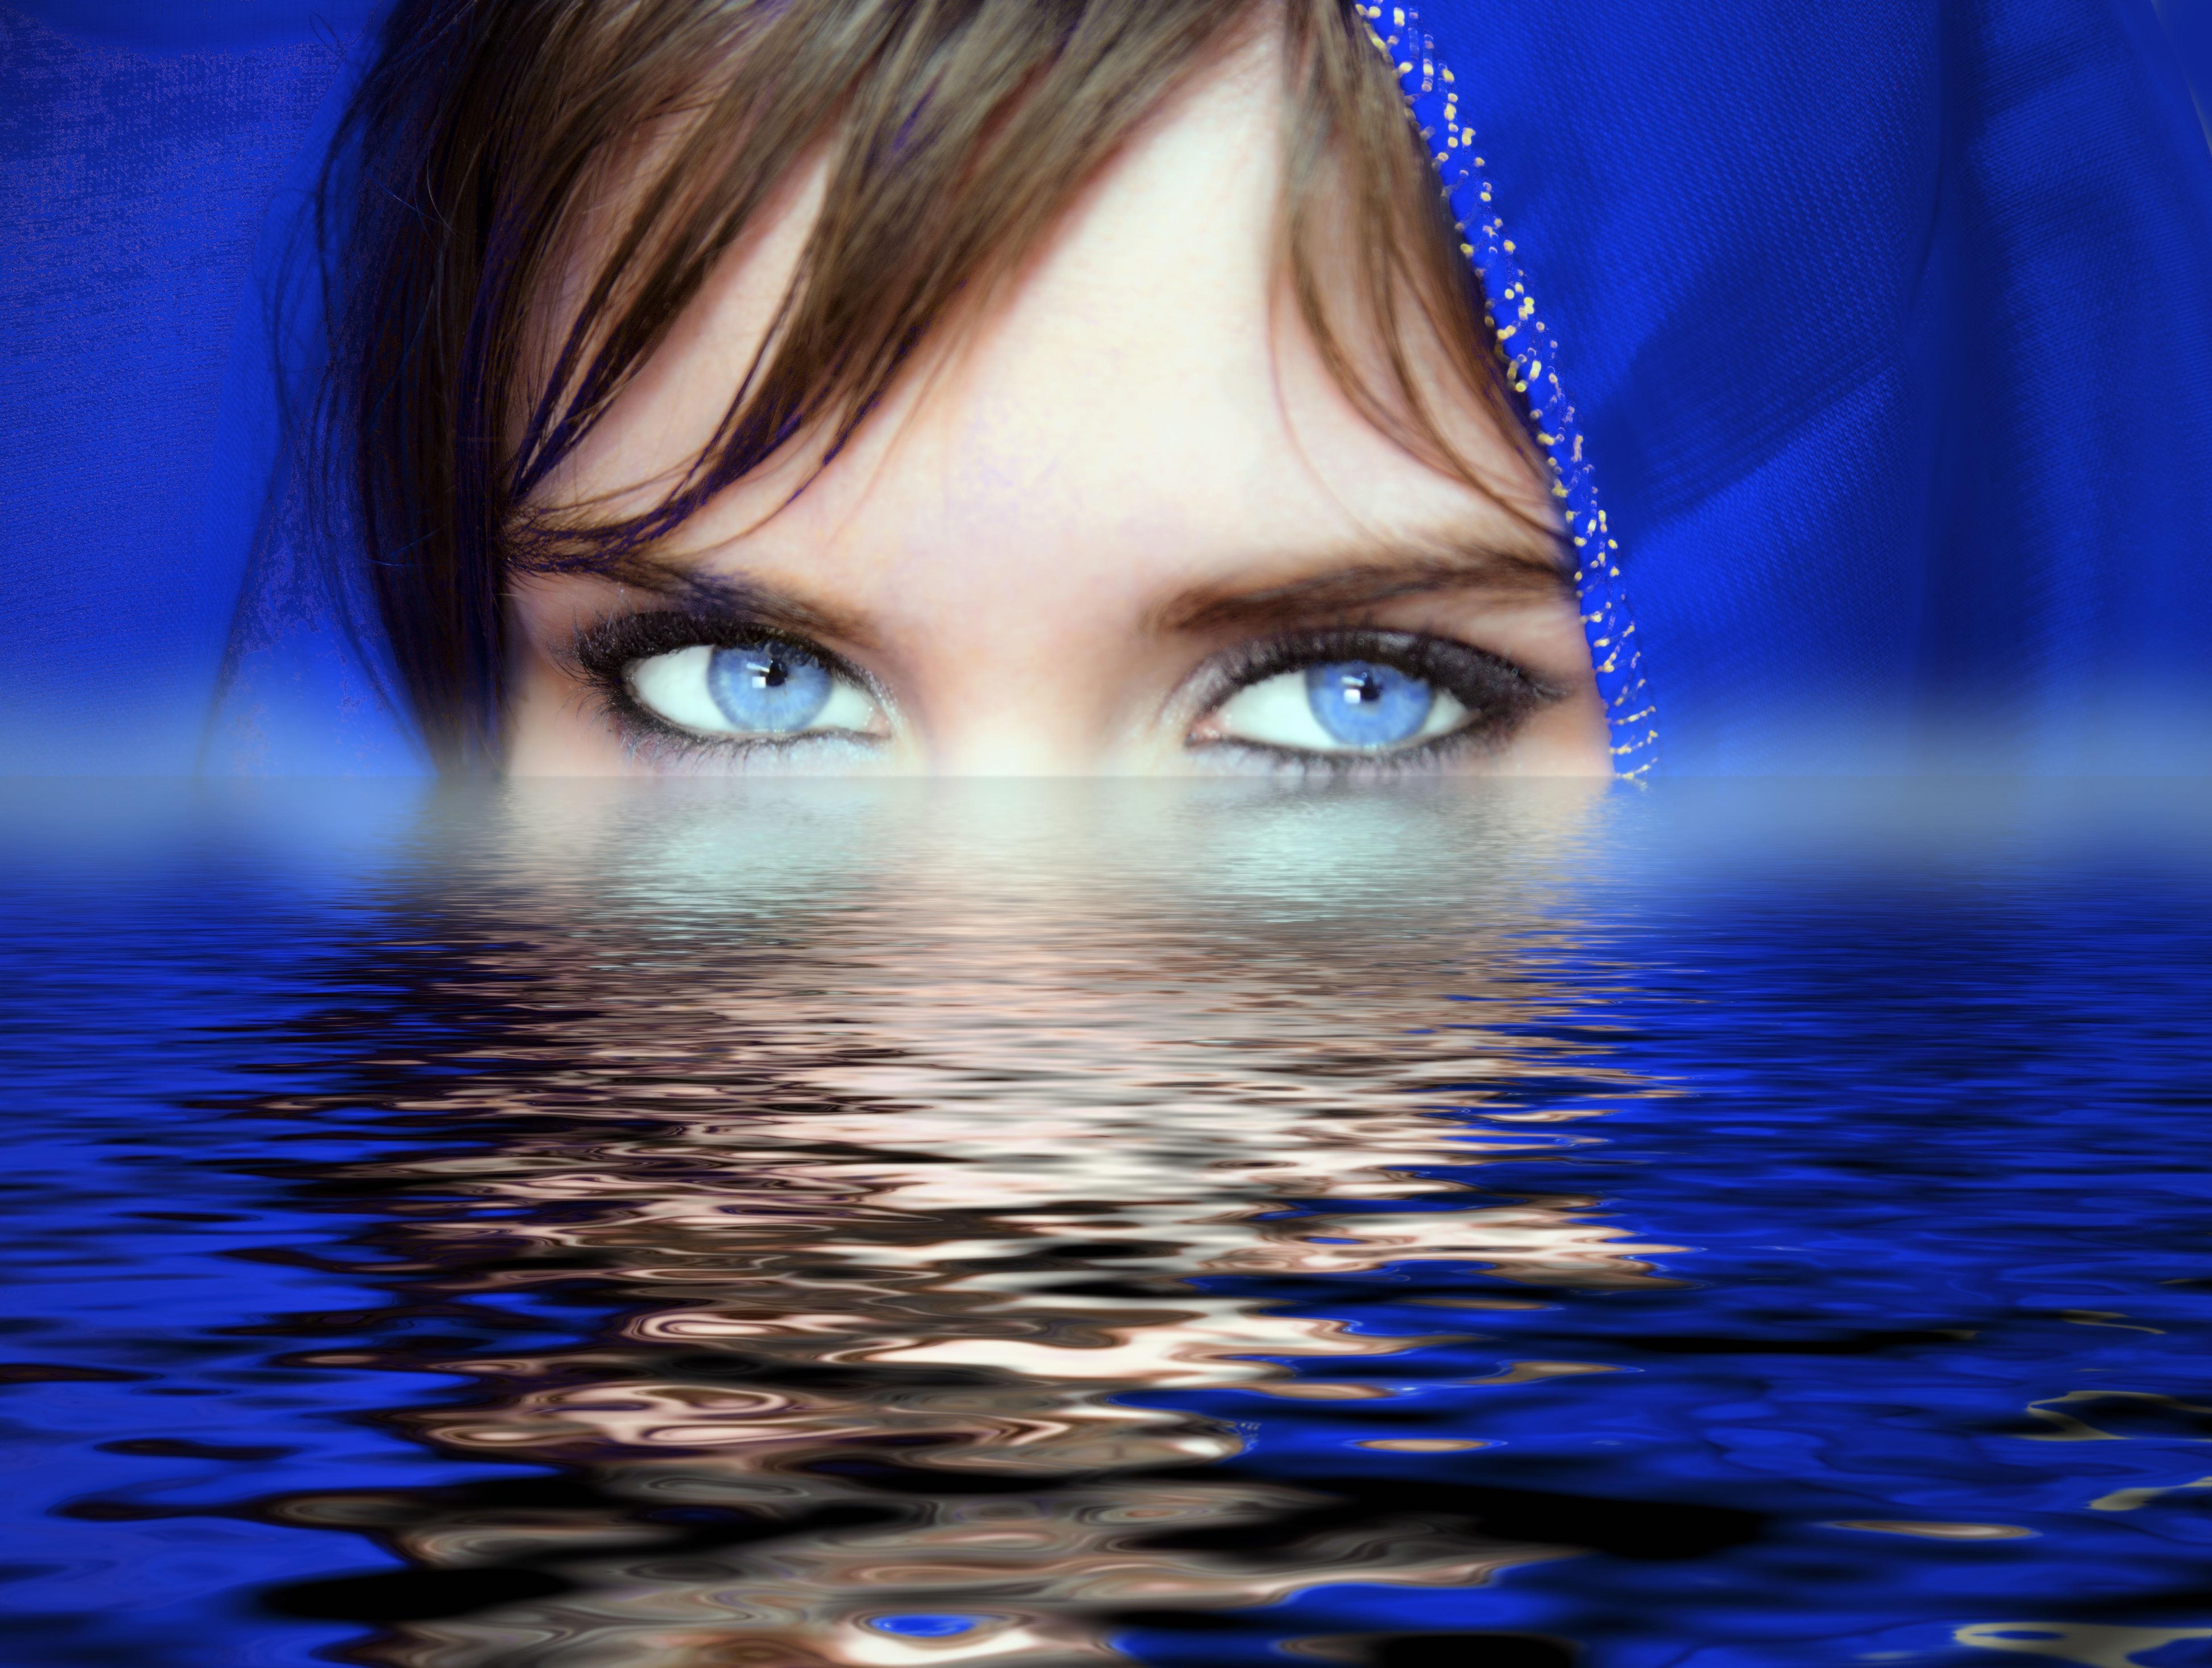 Fotos gratis : agua, mujer, fotografía, hembra, reflexión, ojo azul ...